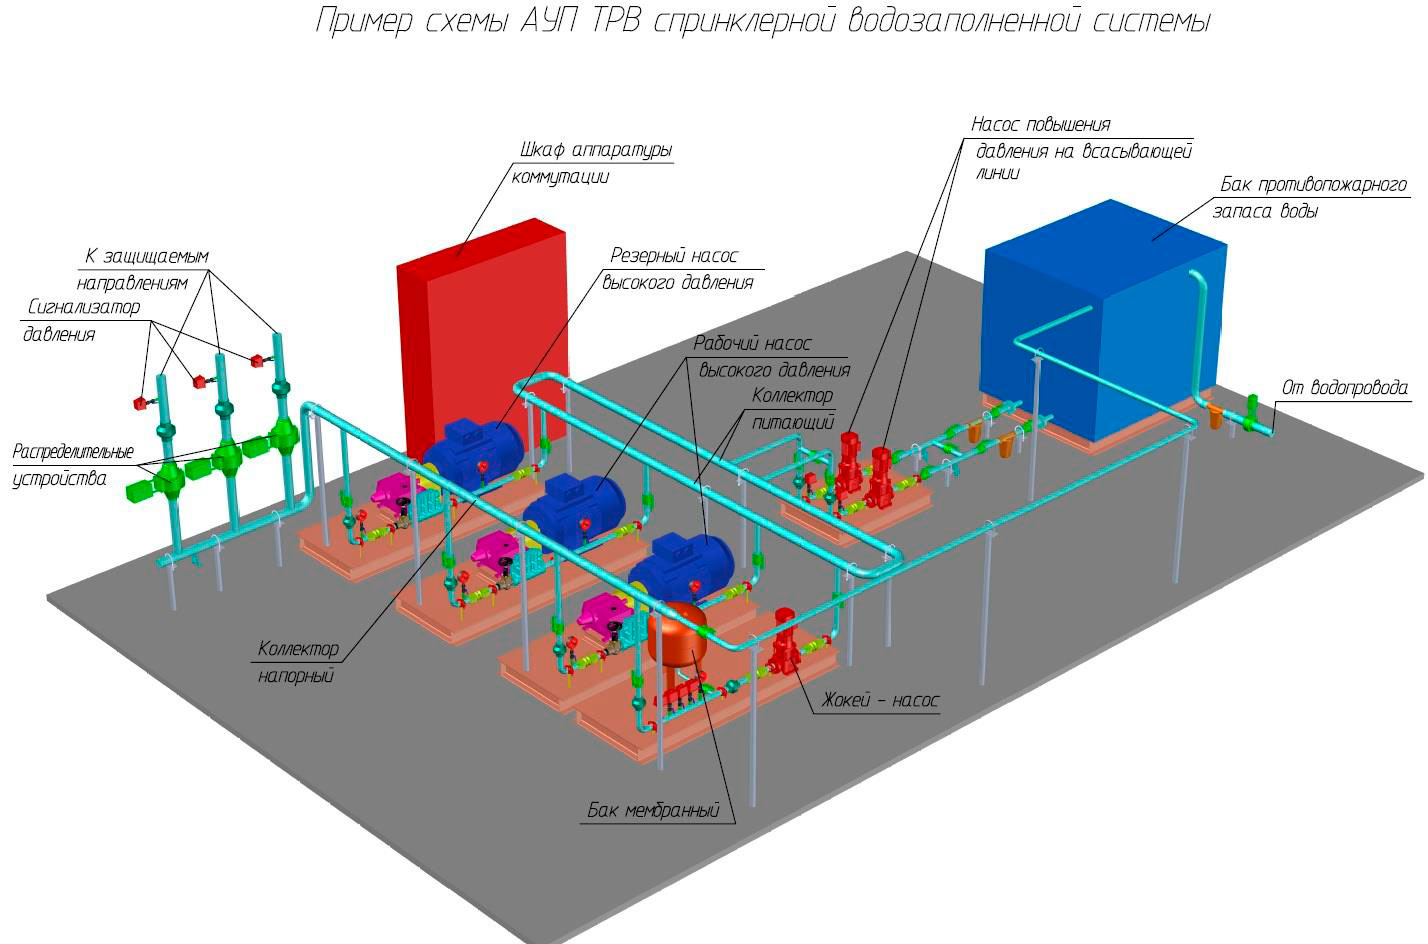 Пример работы автоматической системы пожаротушения.